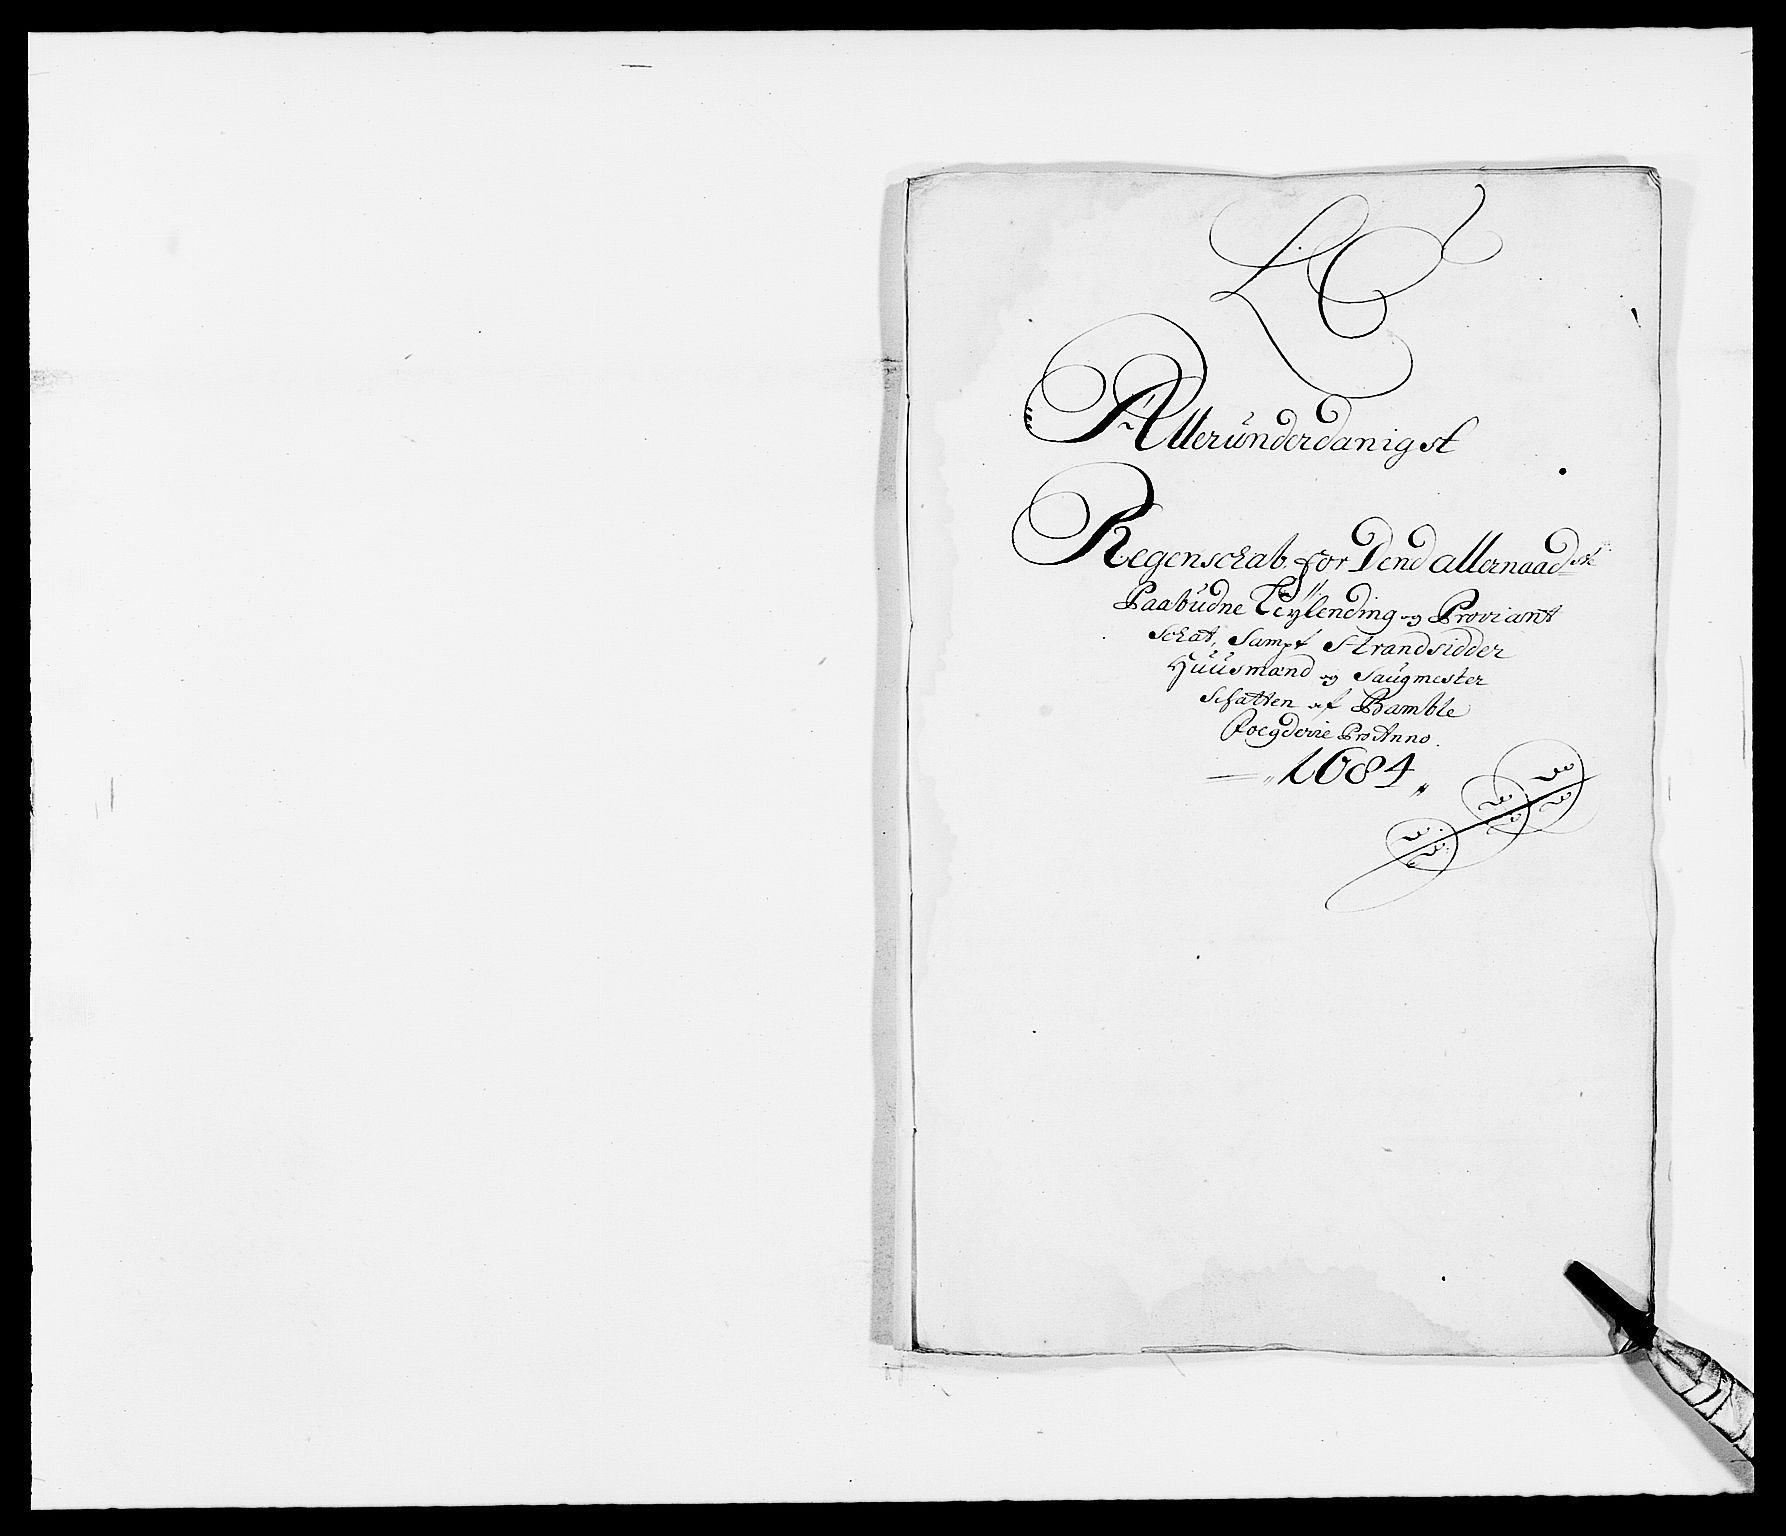 RA, Rentekammeret inntil 1814, Reviderte regnskaper, Fogderegnskap, R34/L2047: Fogderegnskap Bamble, 1684, s. 18